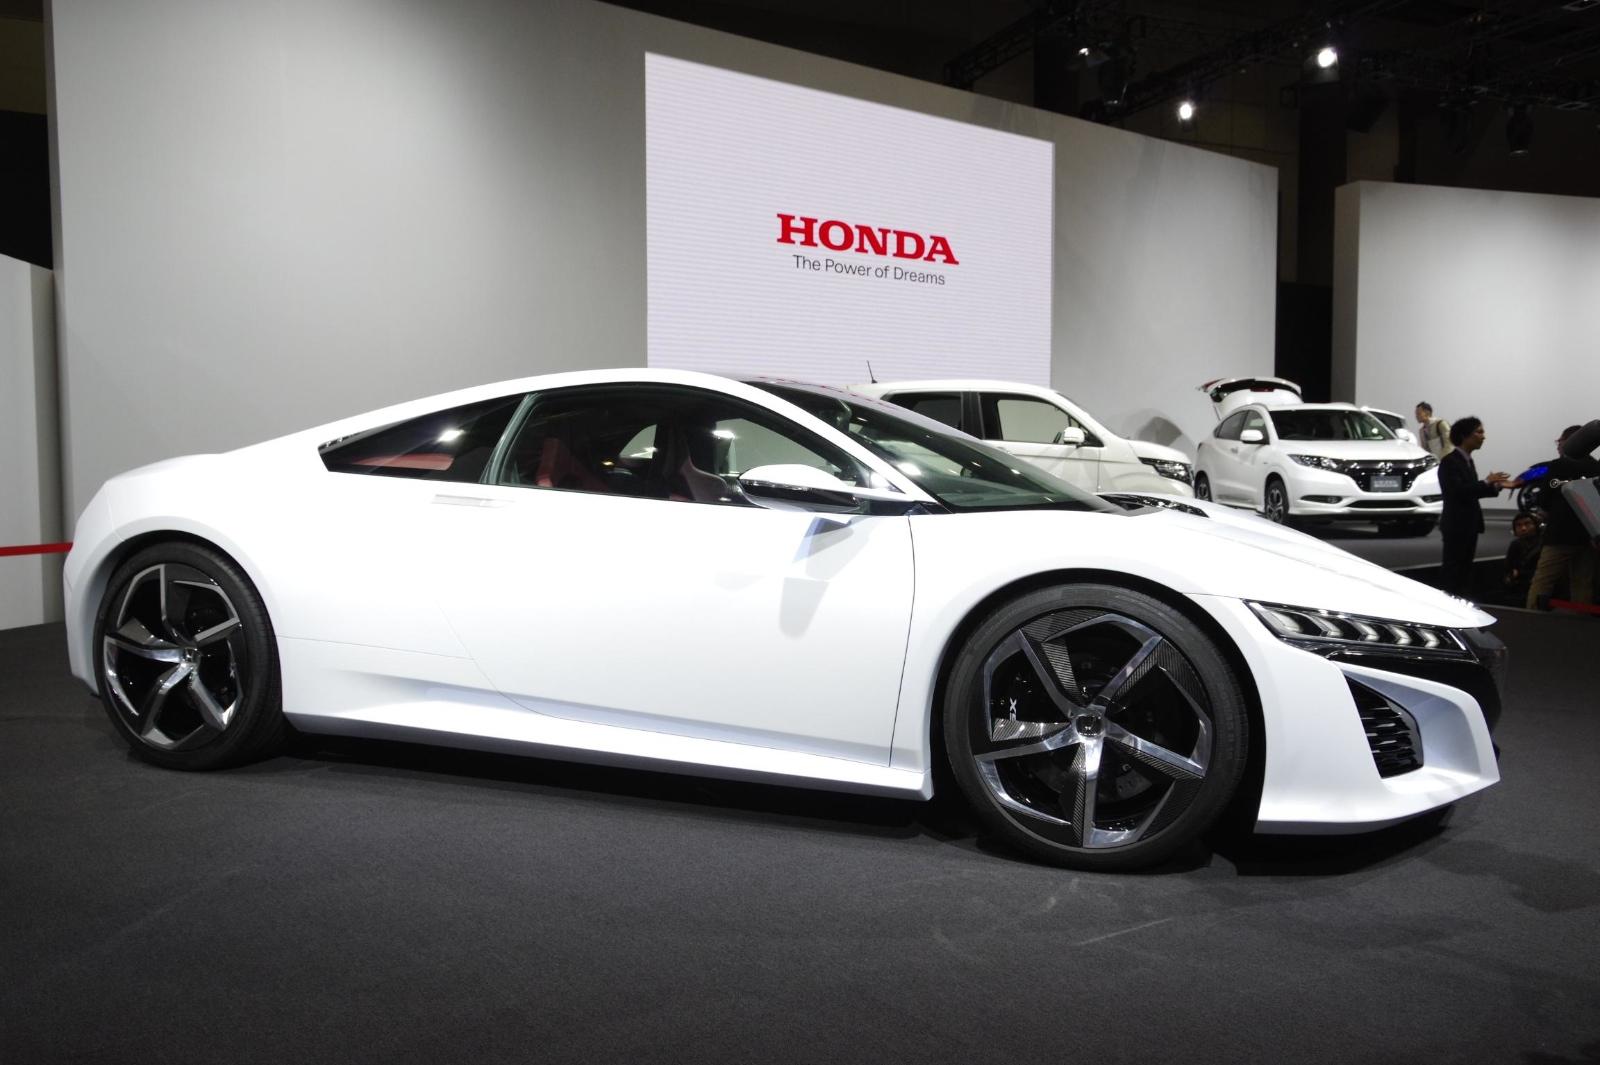 acura nsx 2015 white. honda nsx concept in white acura nsx 2015 t